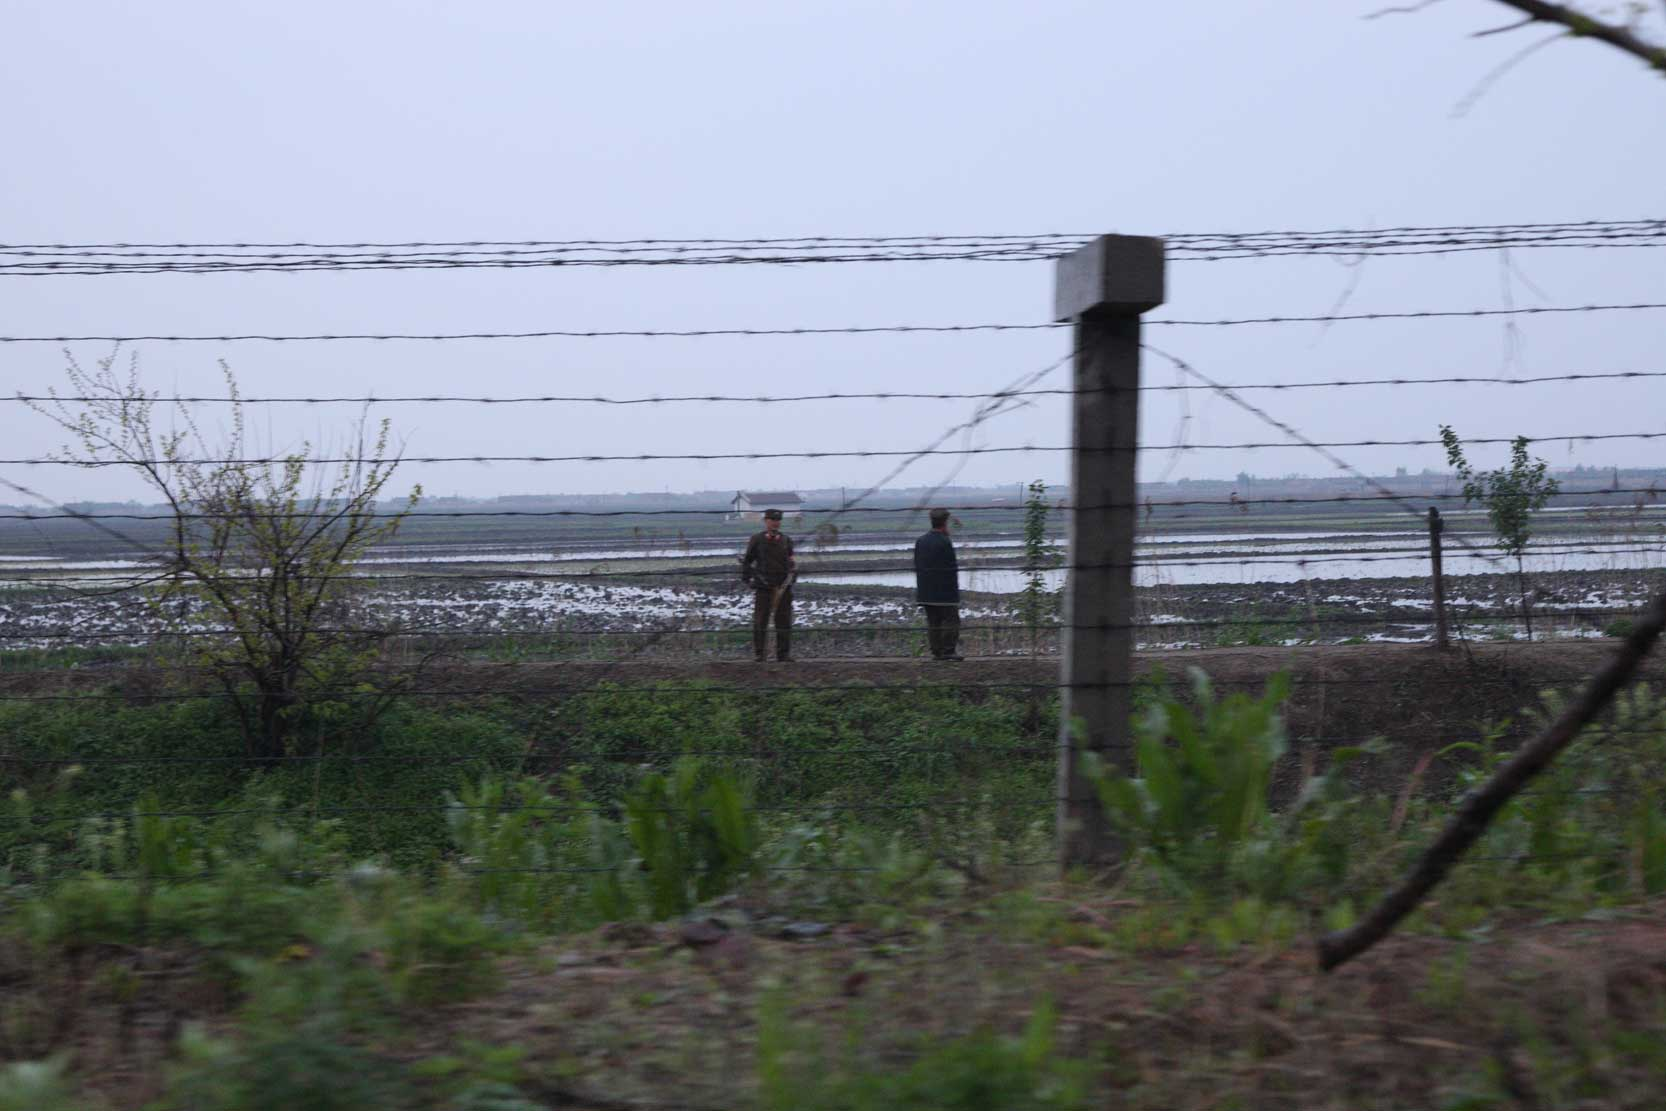 中朝陸の国境では兵士も農民も目と鼻の先(遼寧省丹東市)_b0235153_15575497.jpg